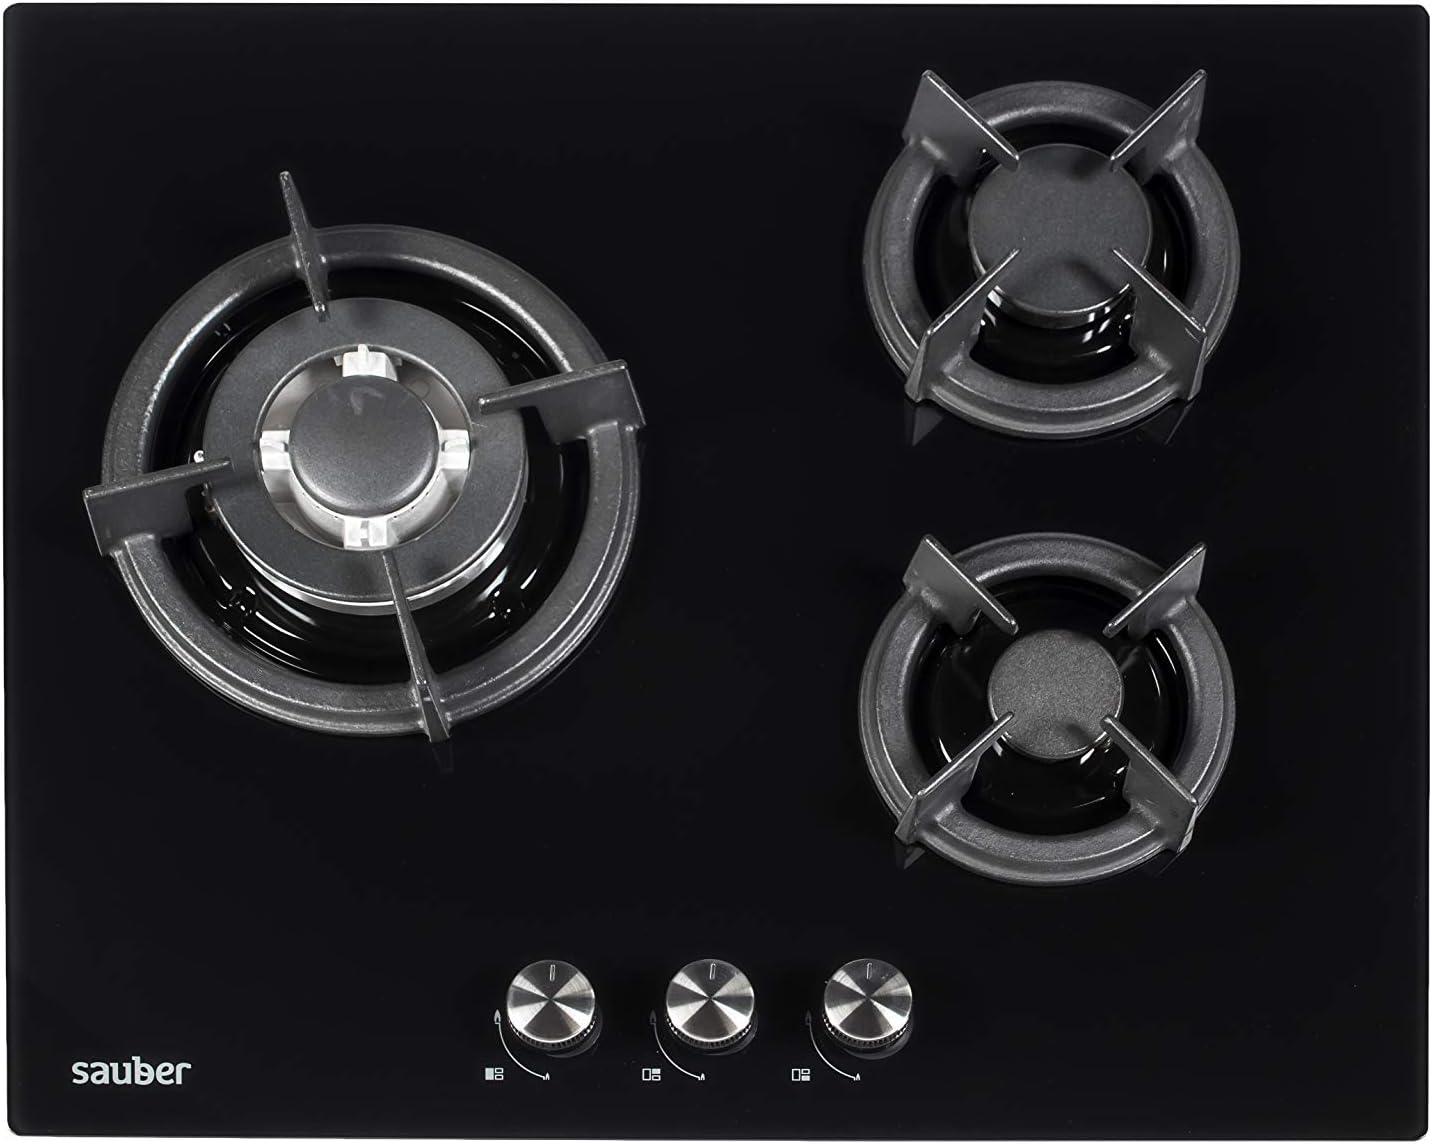 Sauber - Encimera de Cristal Gas SECGB06-3 zonas de cocción - Gas ...